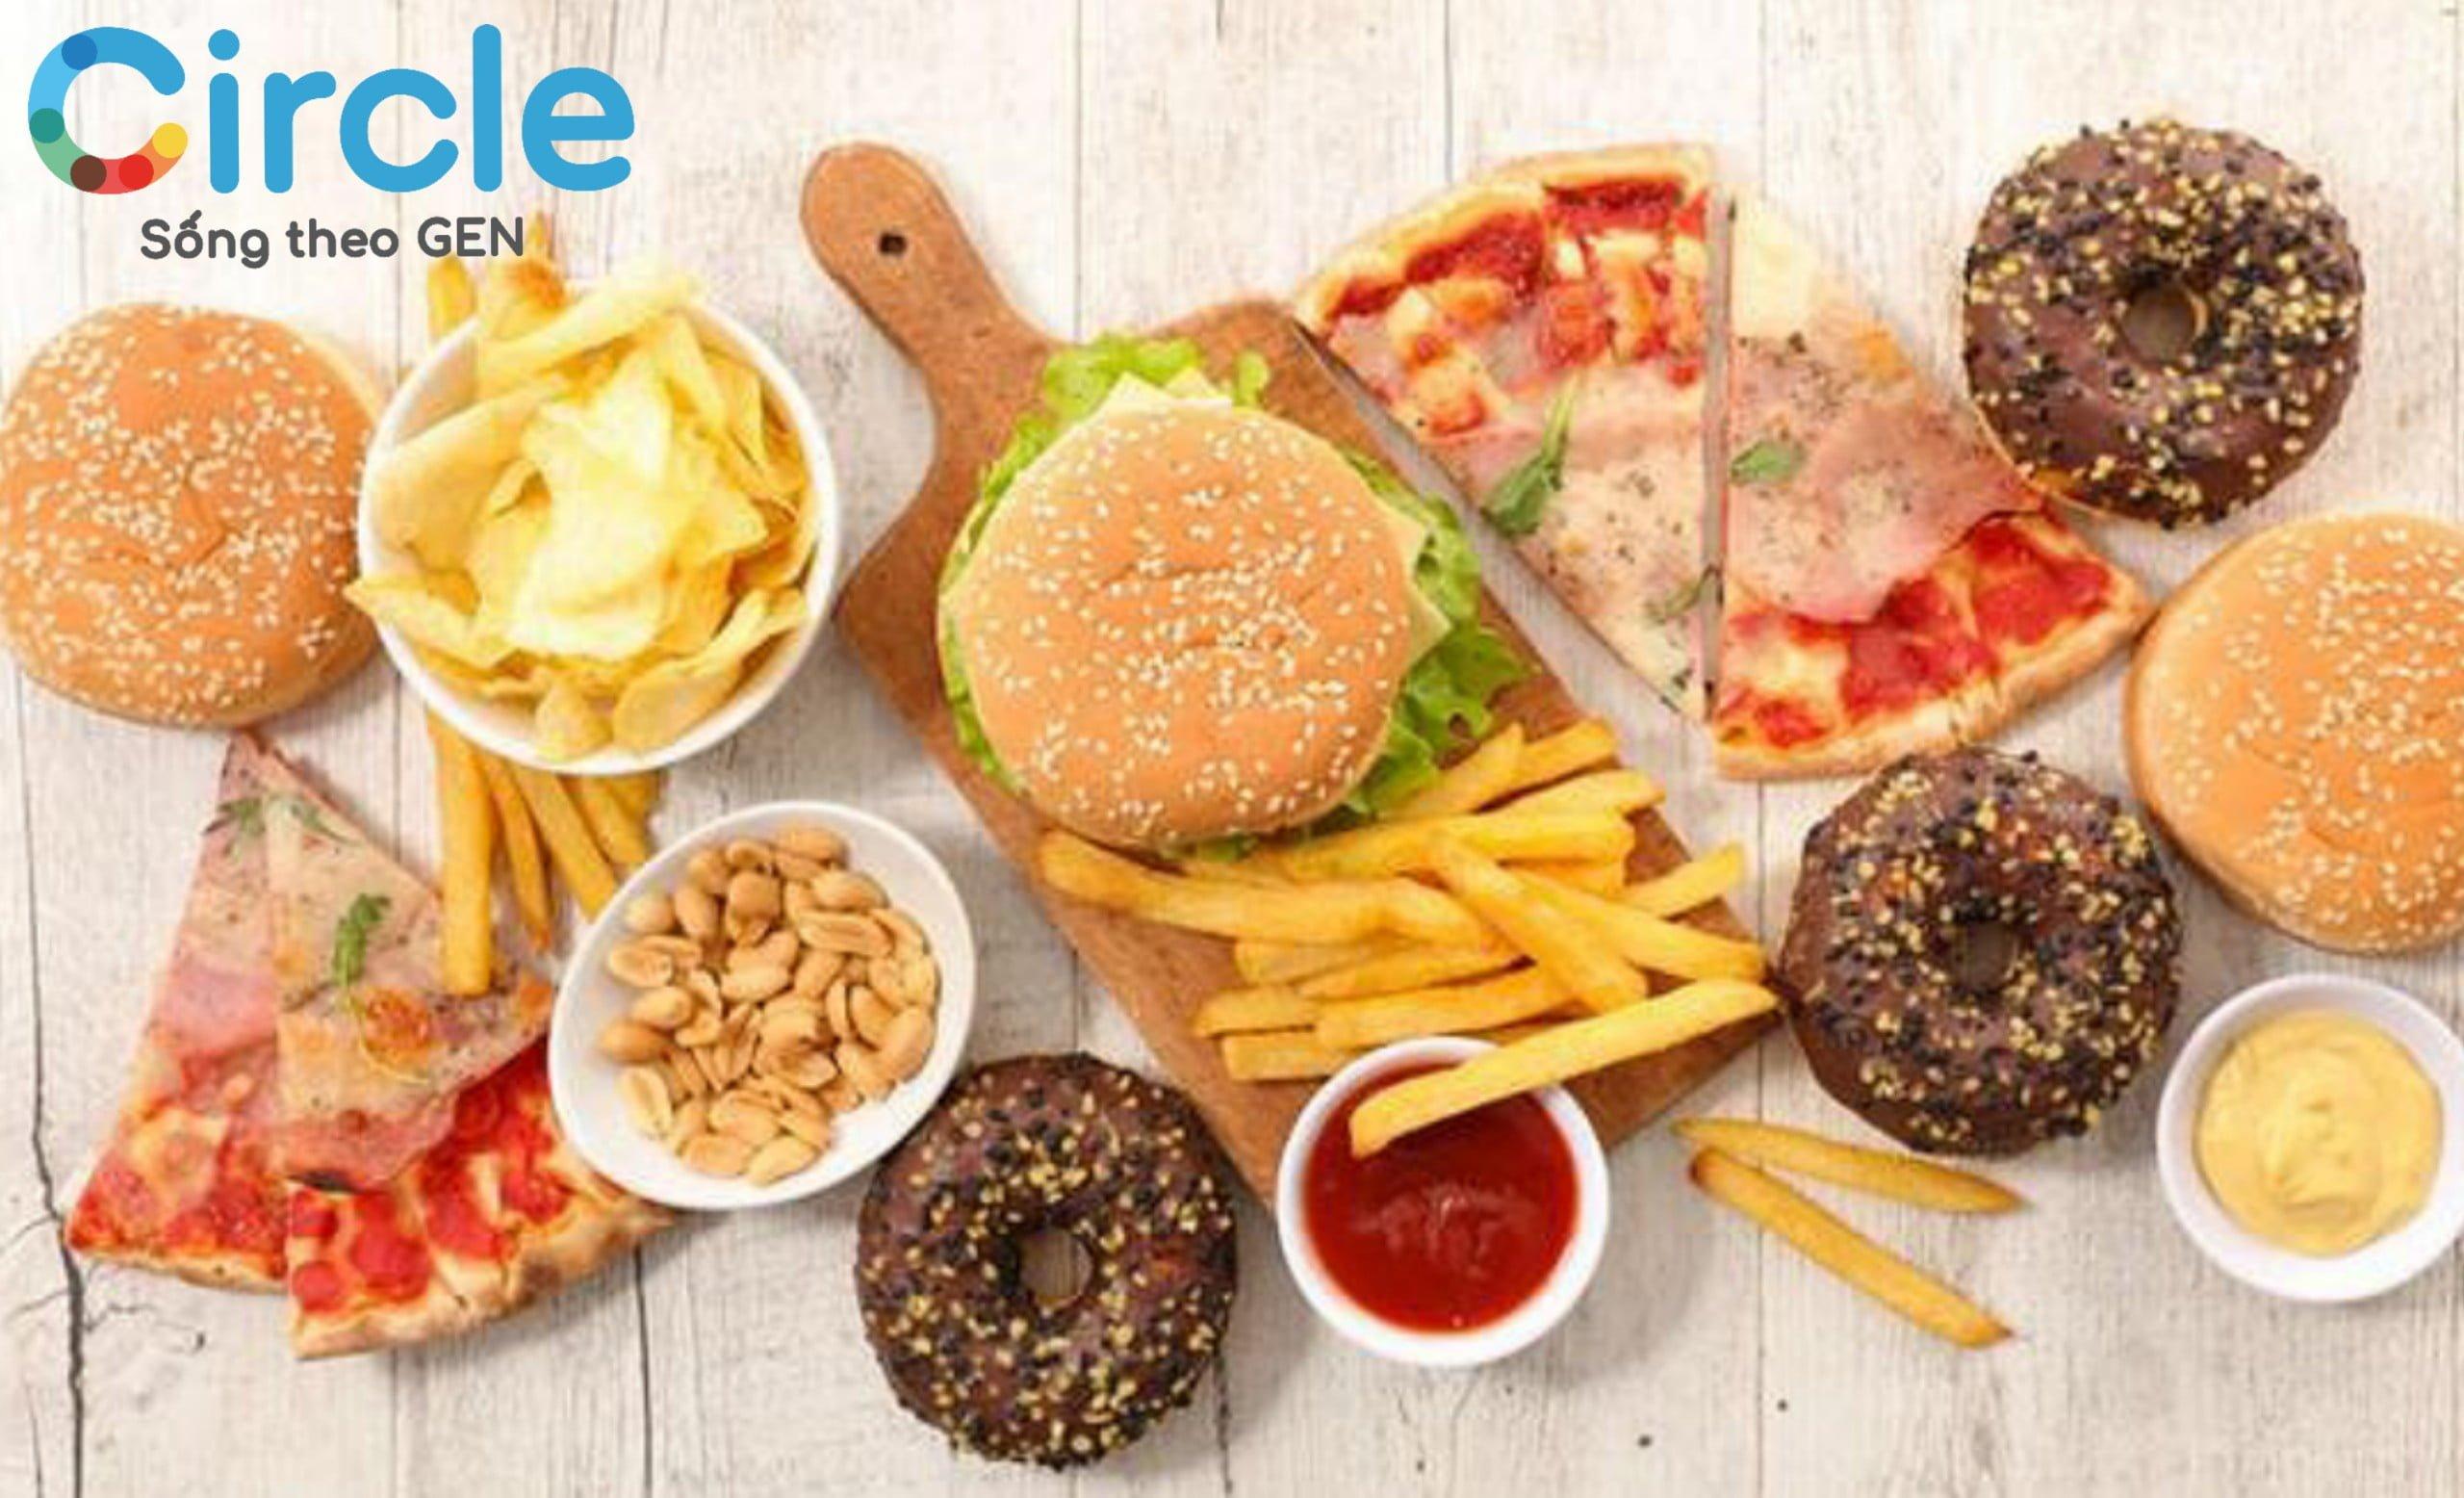 """Các loại thức ăn chứa nhiều đường và thực phẩm ăn nhanh được """"dán nhãn đỏ"""" trong thực đơn dành cho trẻ 5 tuổi biếng ăn."""